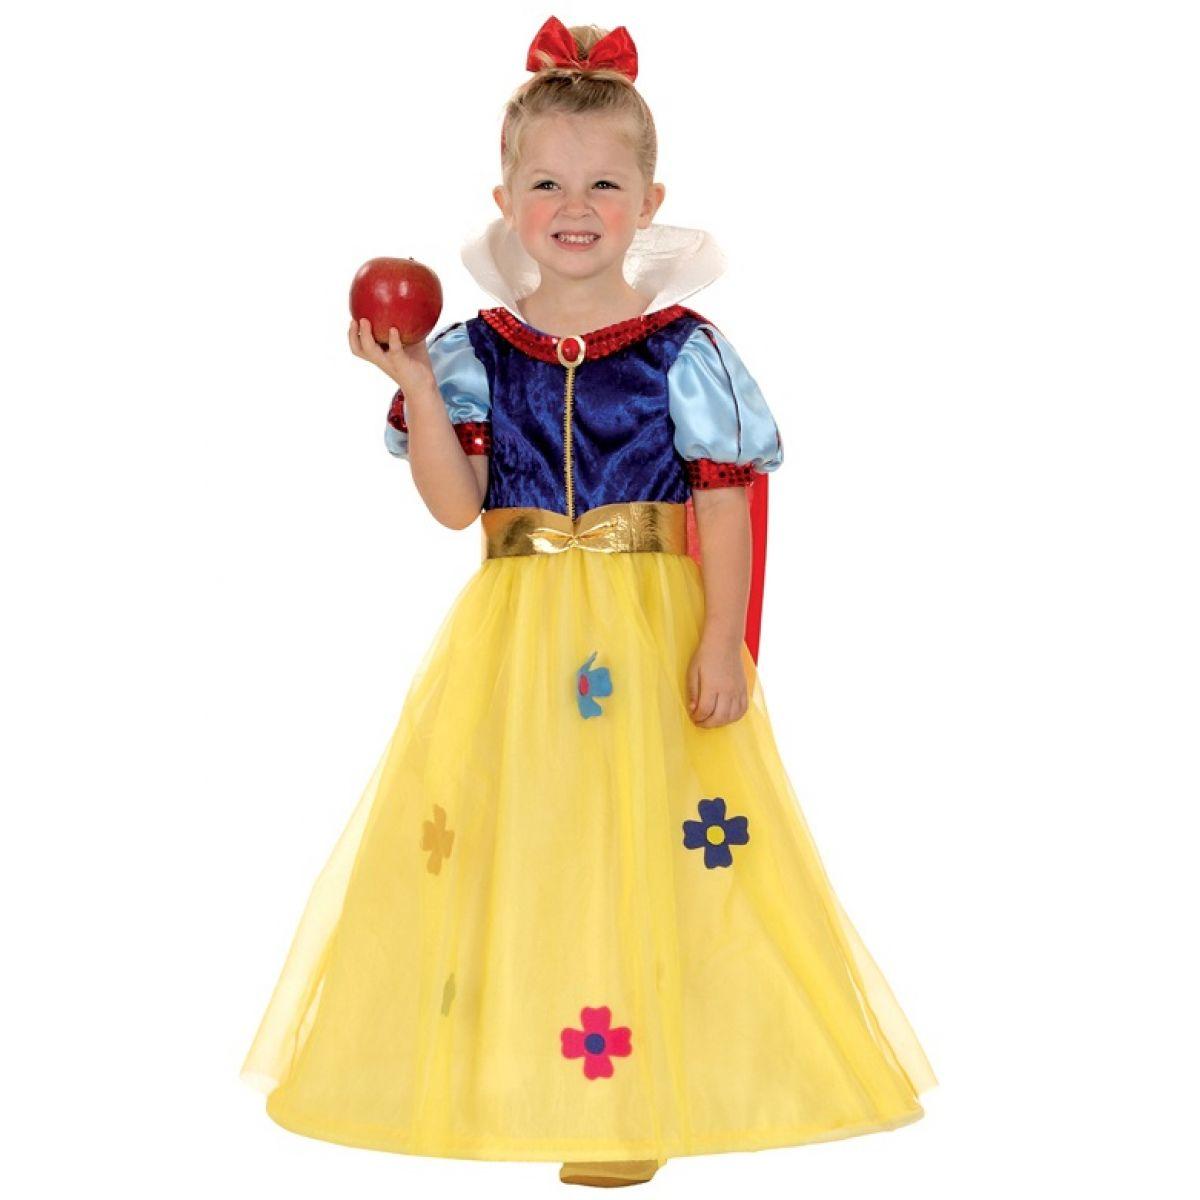 HM Studio Detský kostým Snehulienka 92 - 104 cm